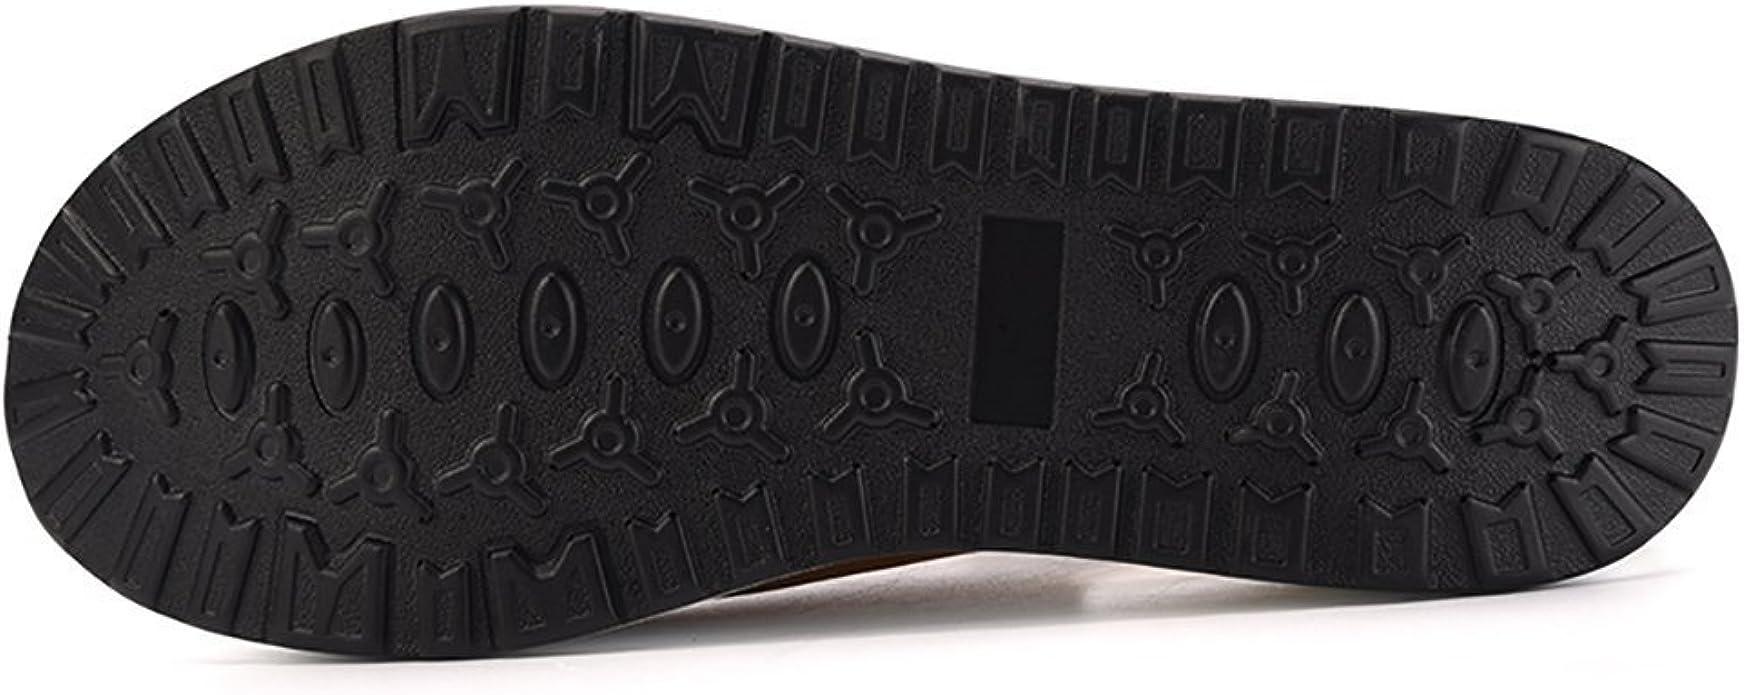 Mujer Zapatillas de Deporte Cu/ña Zapatos para Caminar Aptitud Plataforma Sneakers con Cordones Calzado de Tac/ón 4cm Negro EU 39